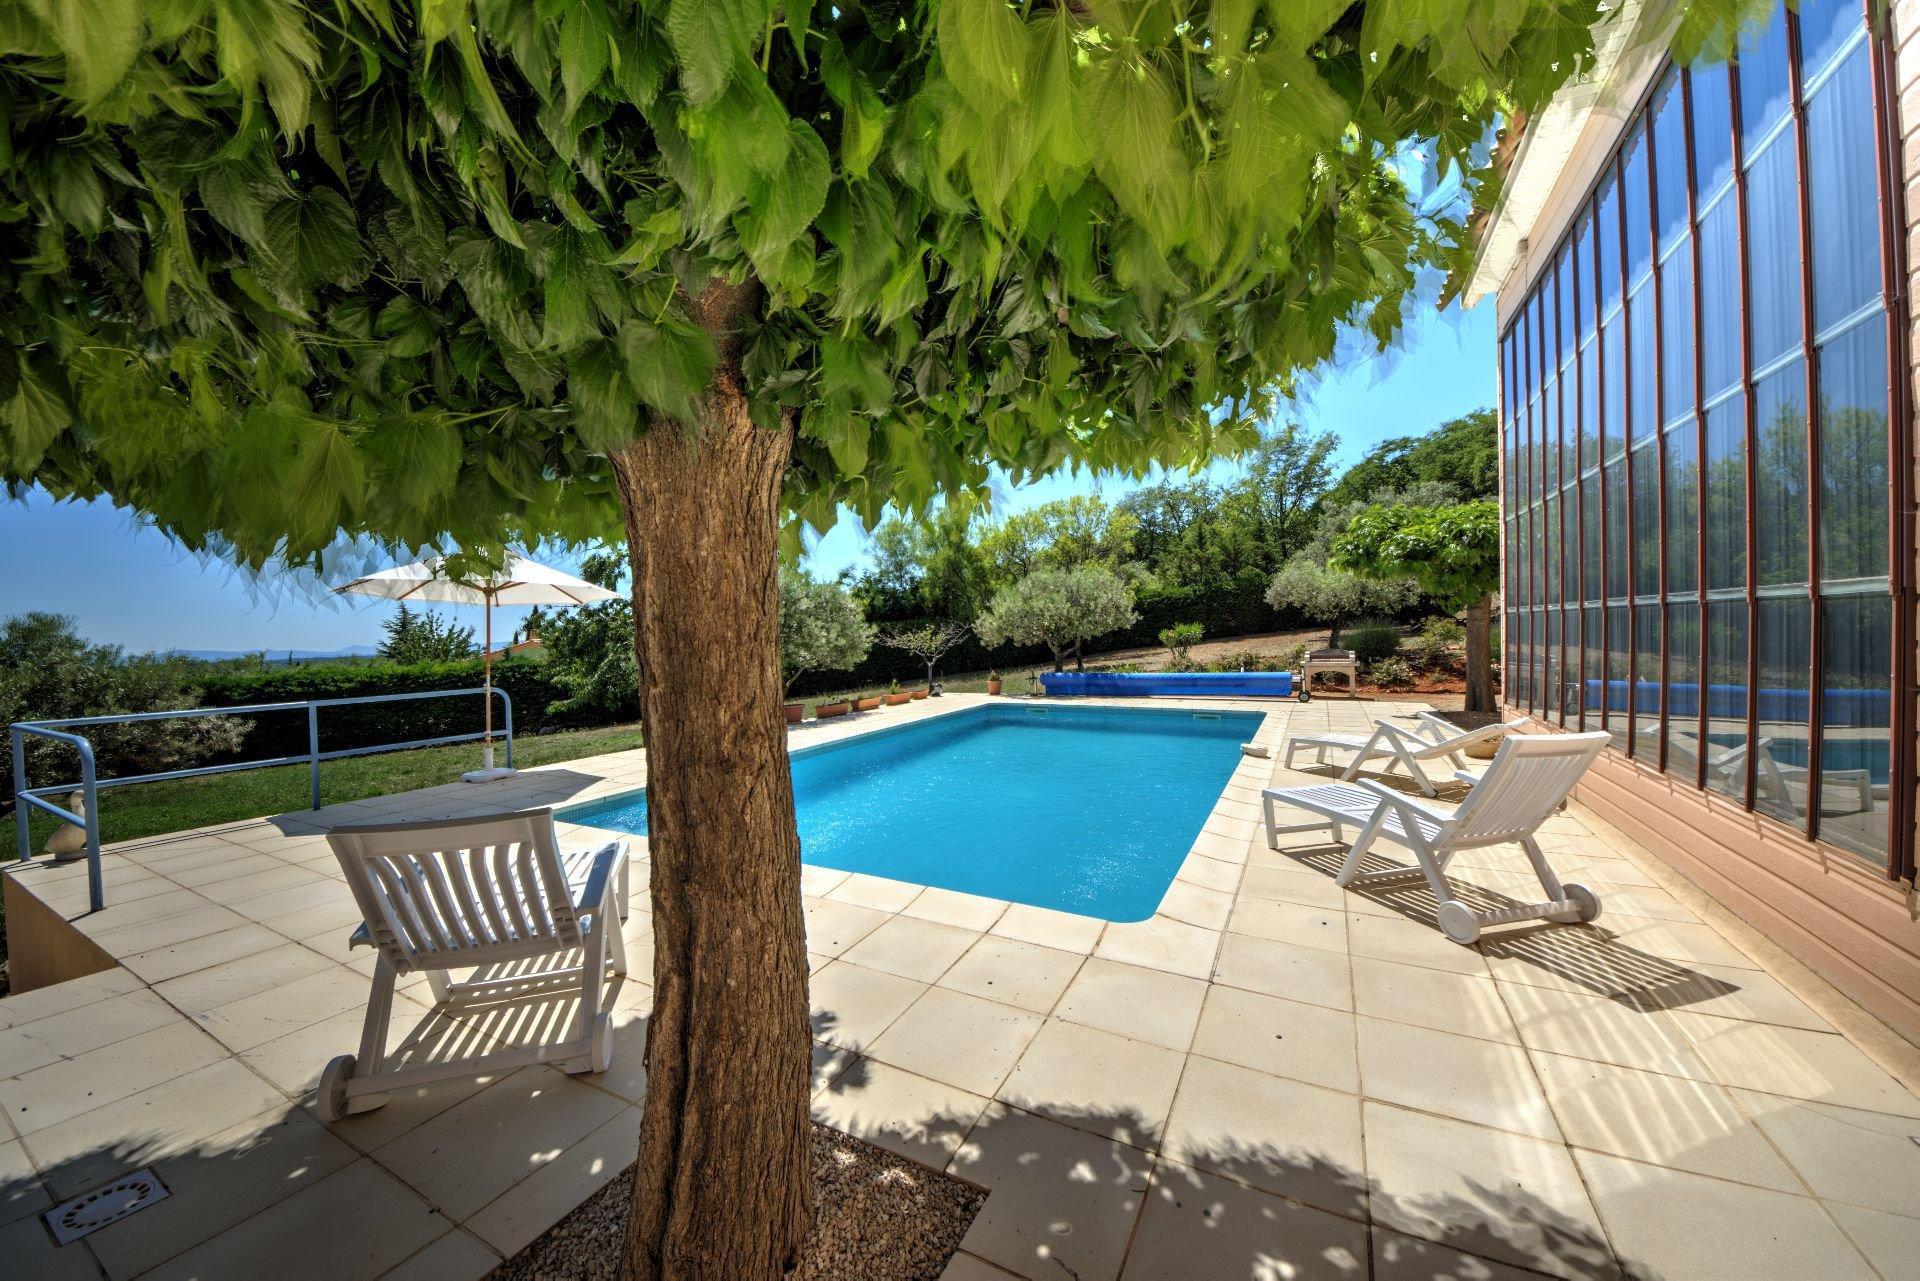 Panneaux solaires thermique de Maison à ossature bois HPE, 180 m², 5 ch, piscine, Aups, Var, Provence, Paca